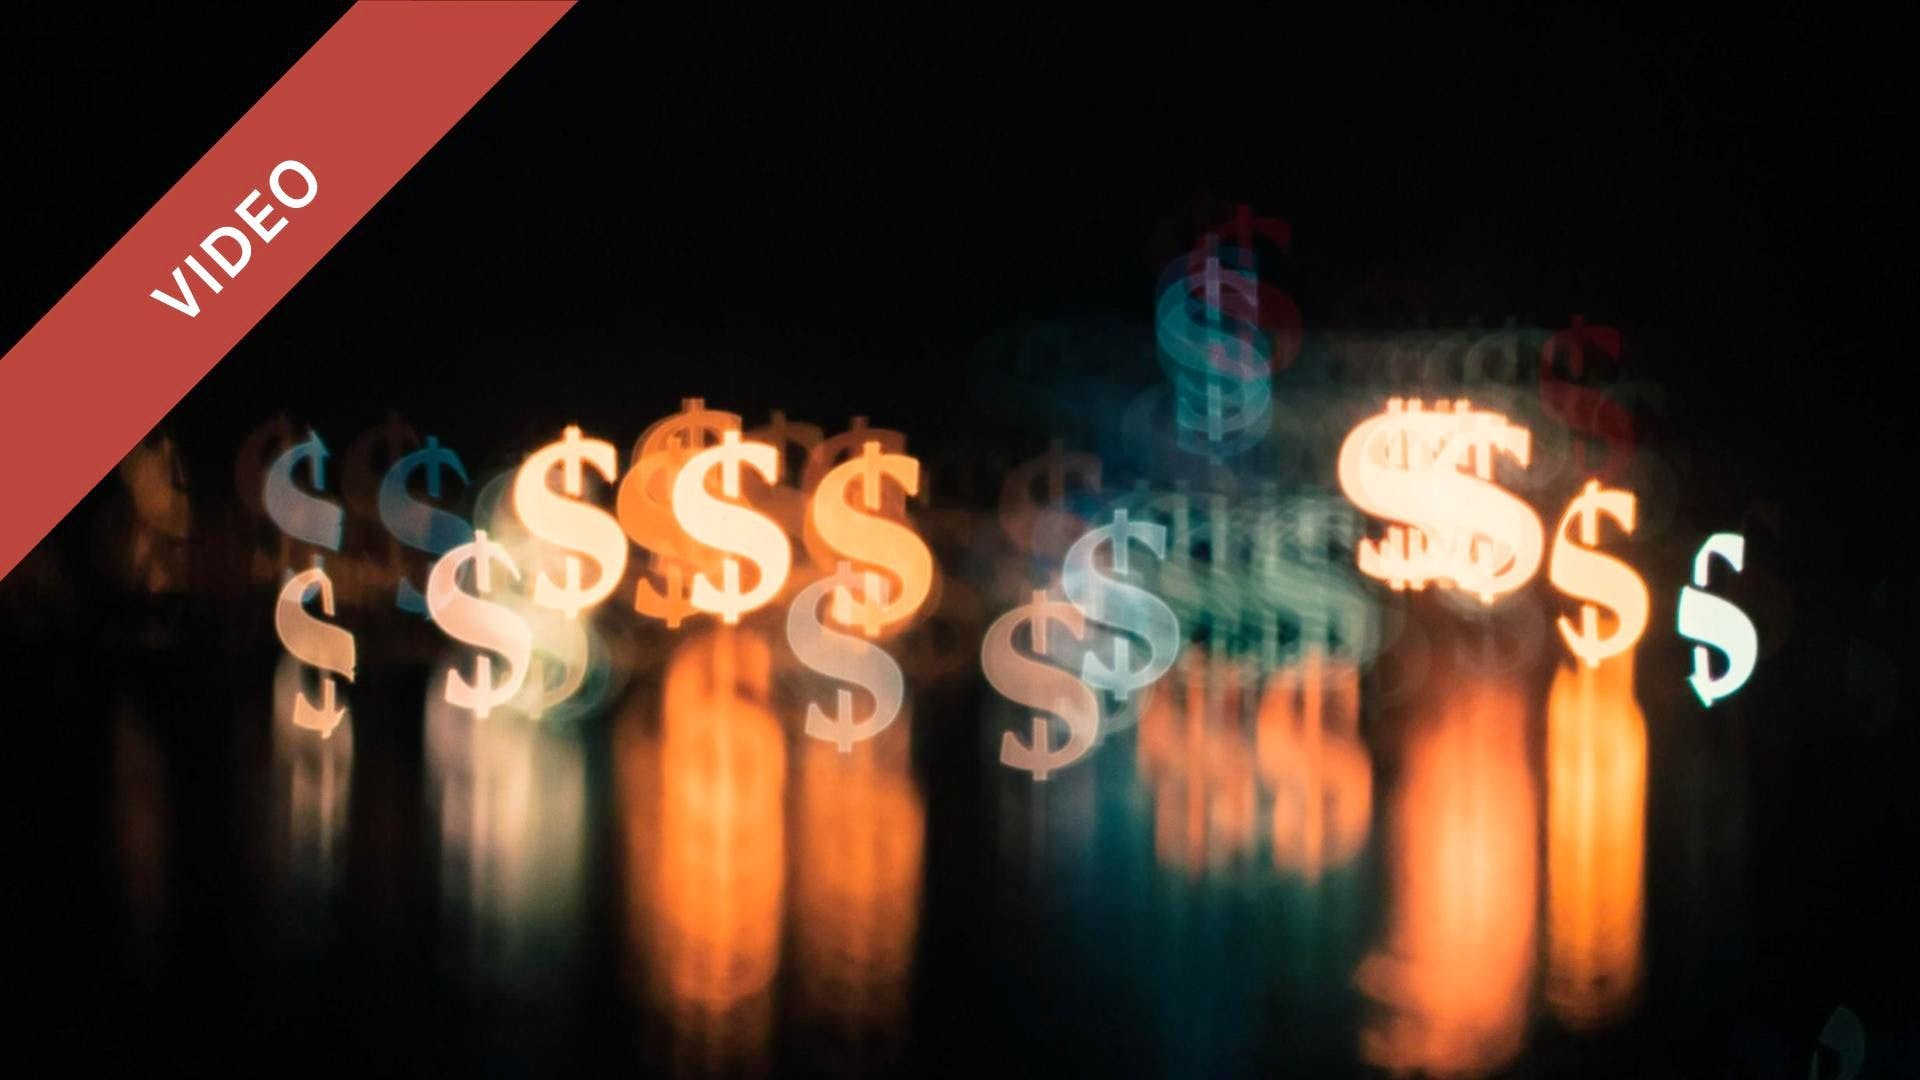 Oportunidades de investimento com Equity Crowdfunding